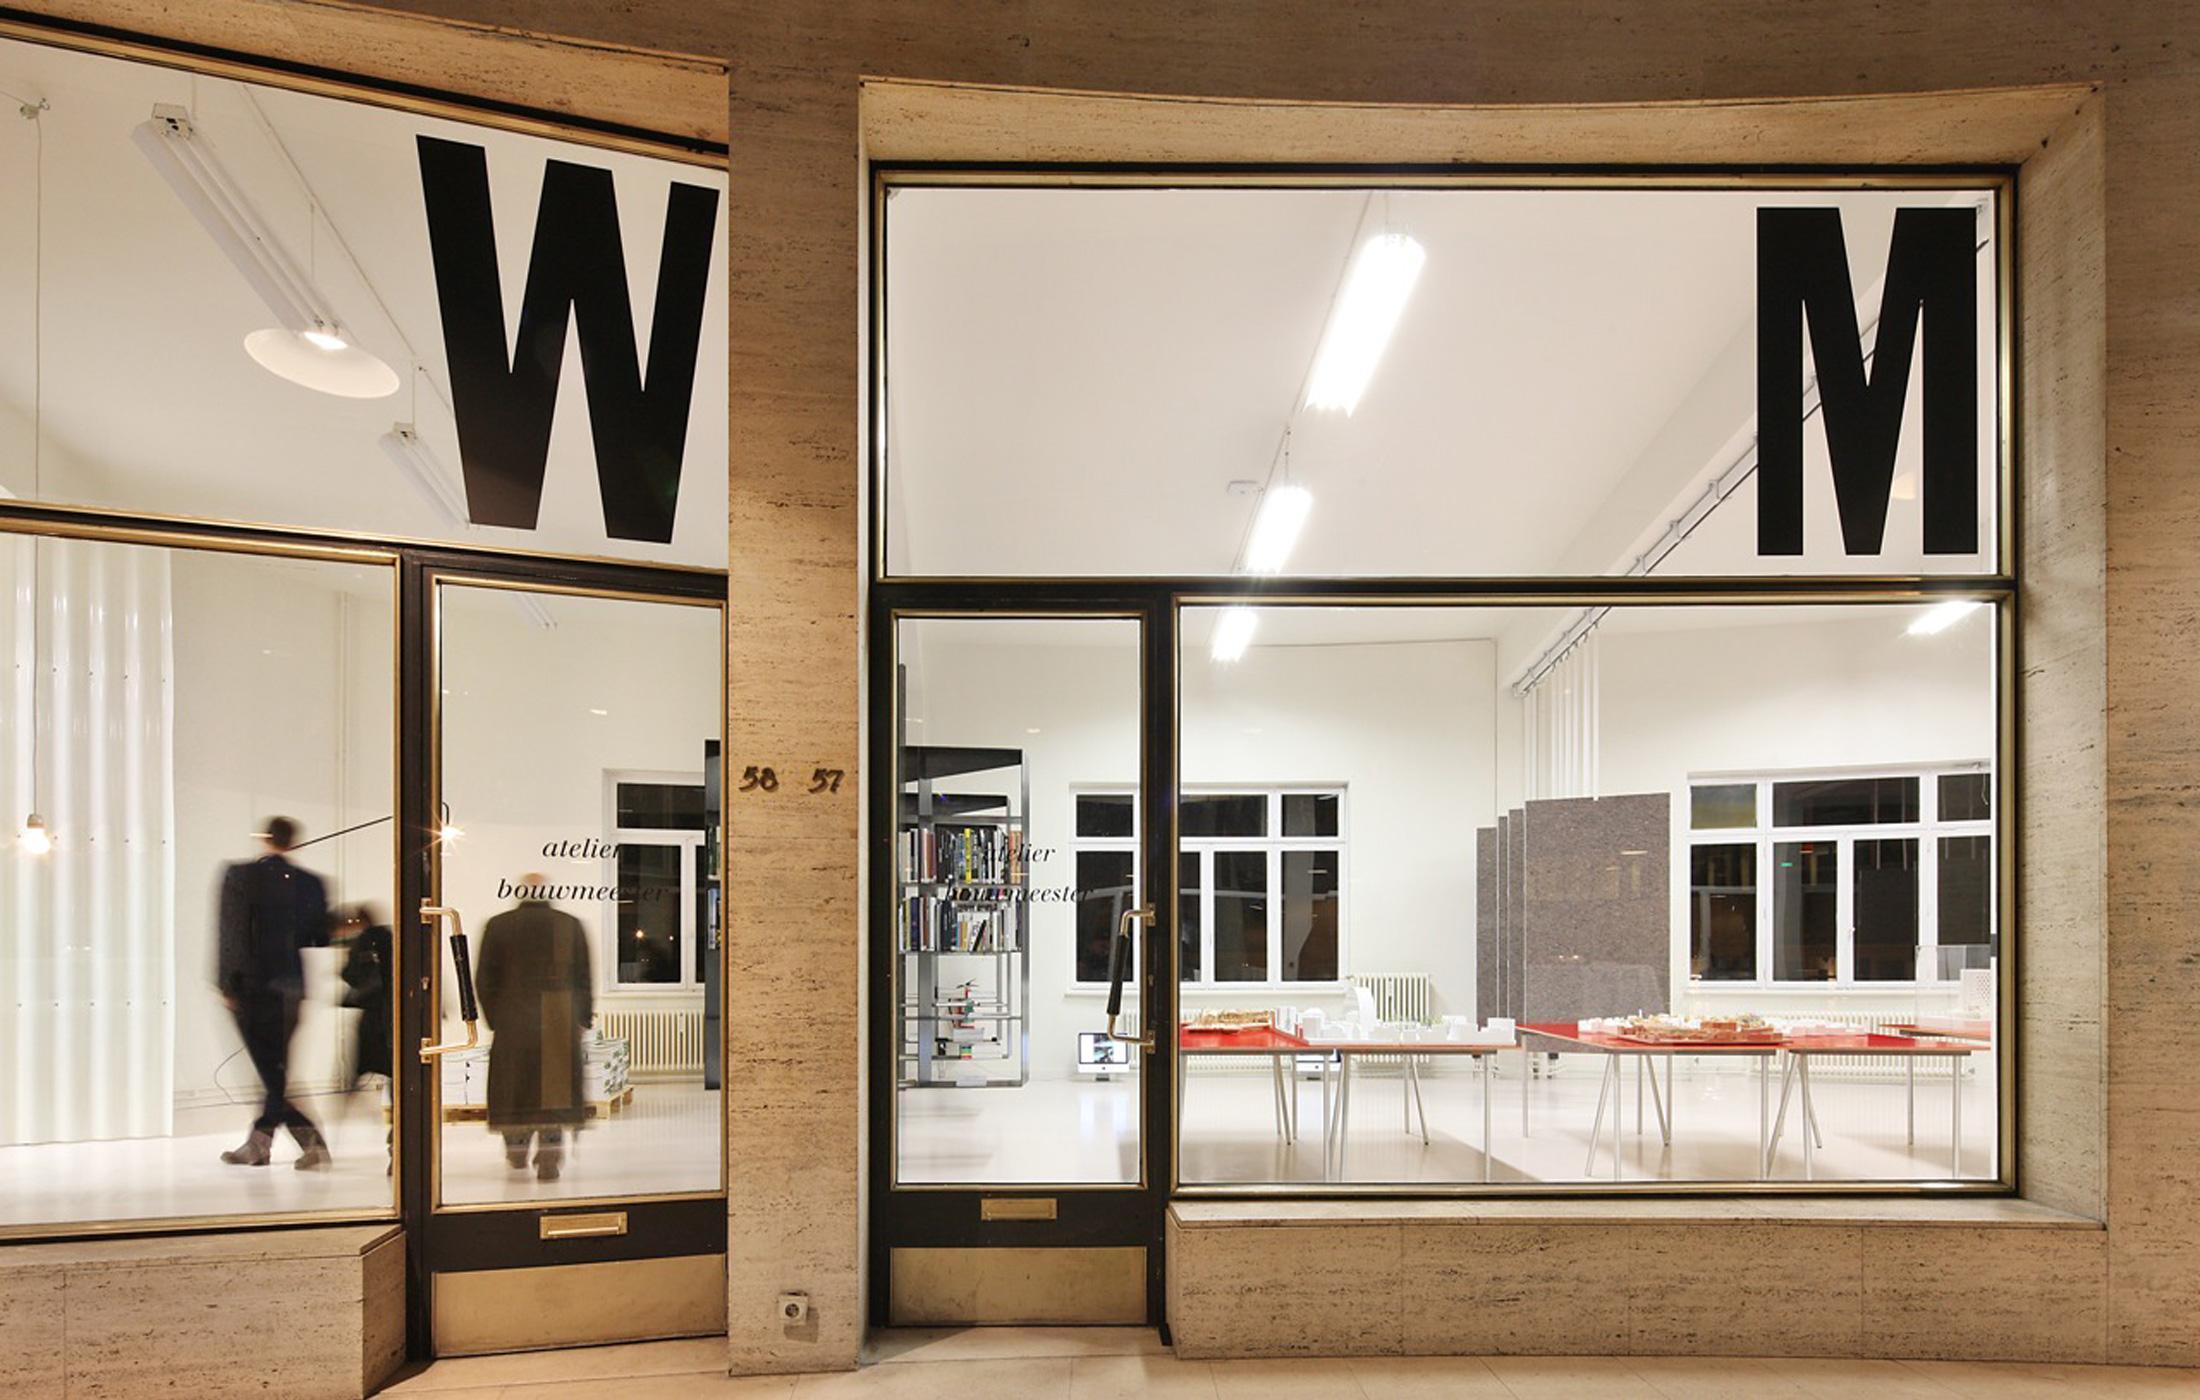 Atelier Bouwmeester